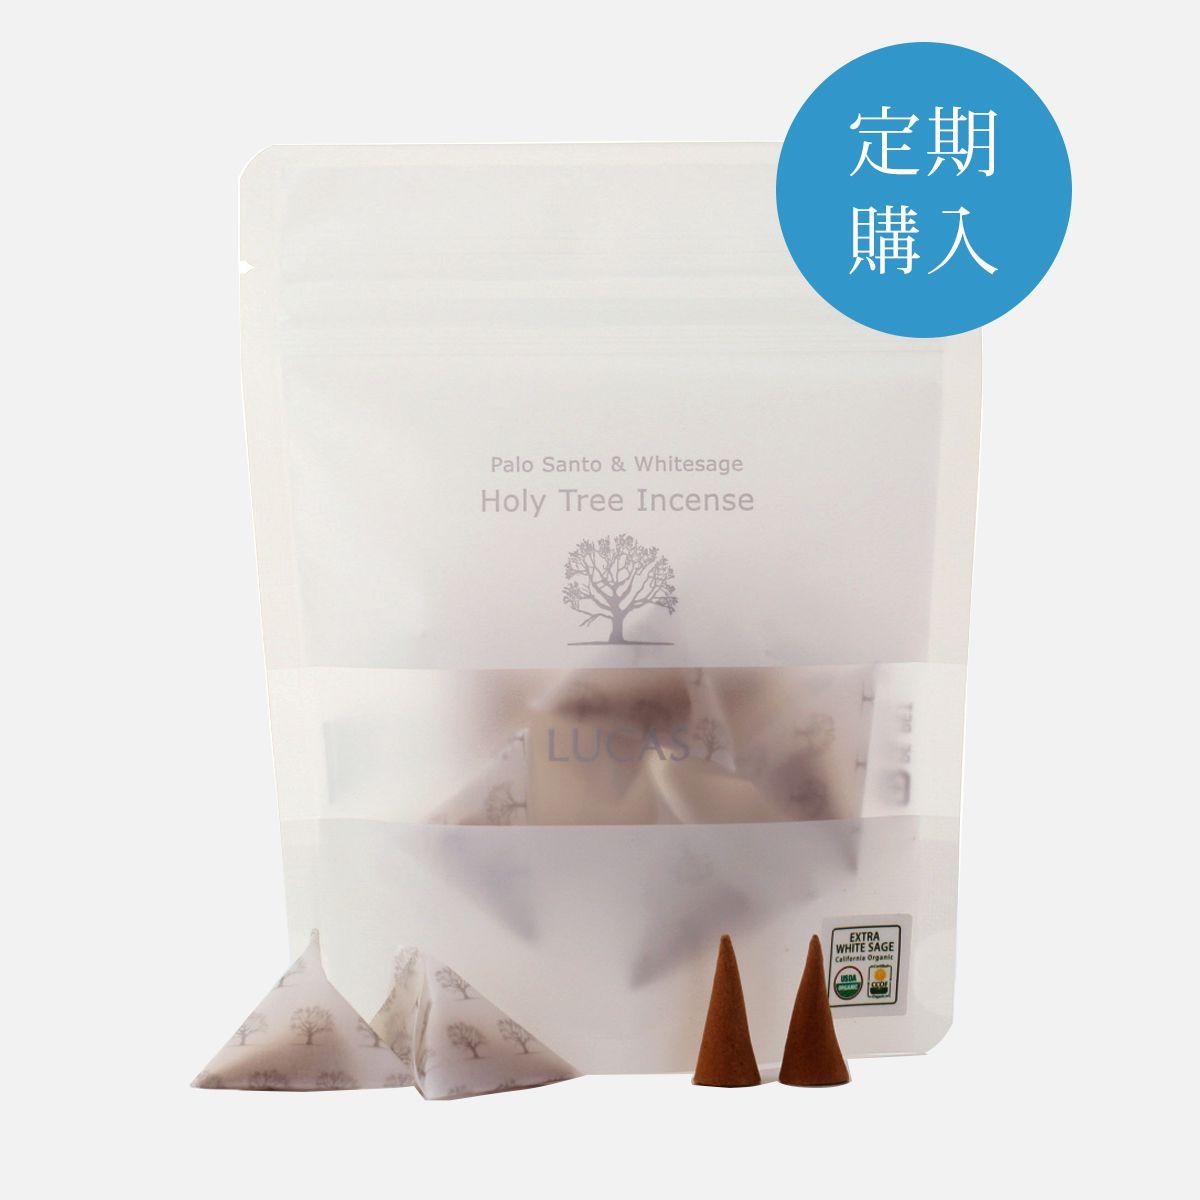 パロサント&ホワイトセージ 浄化香 [ ヒーリング・浄化用 ]